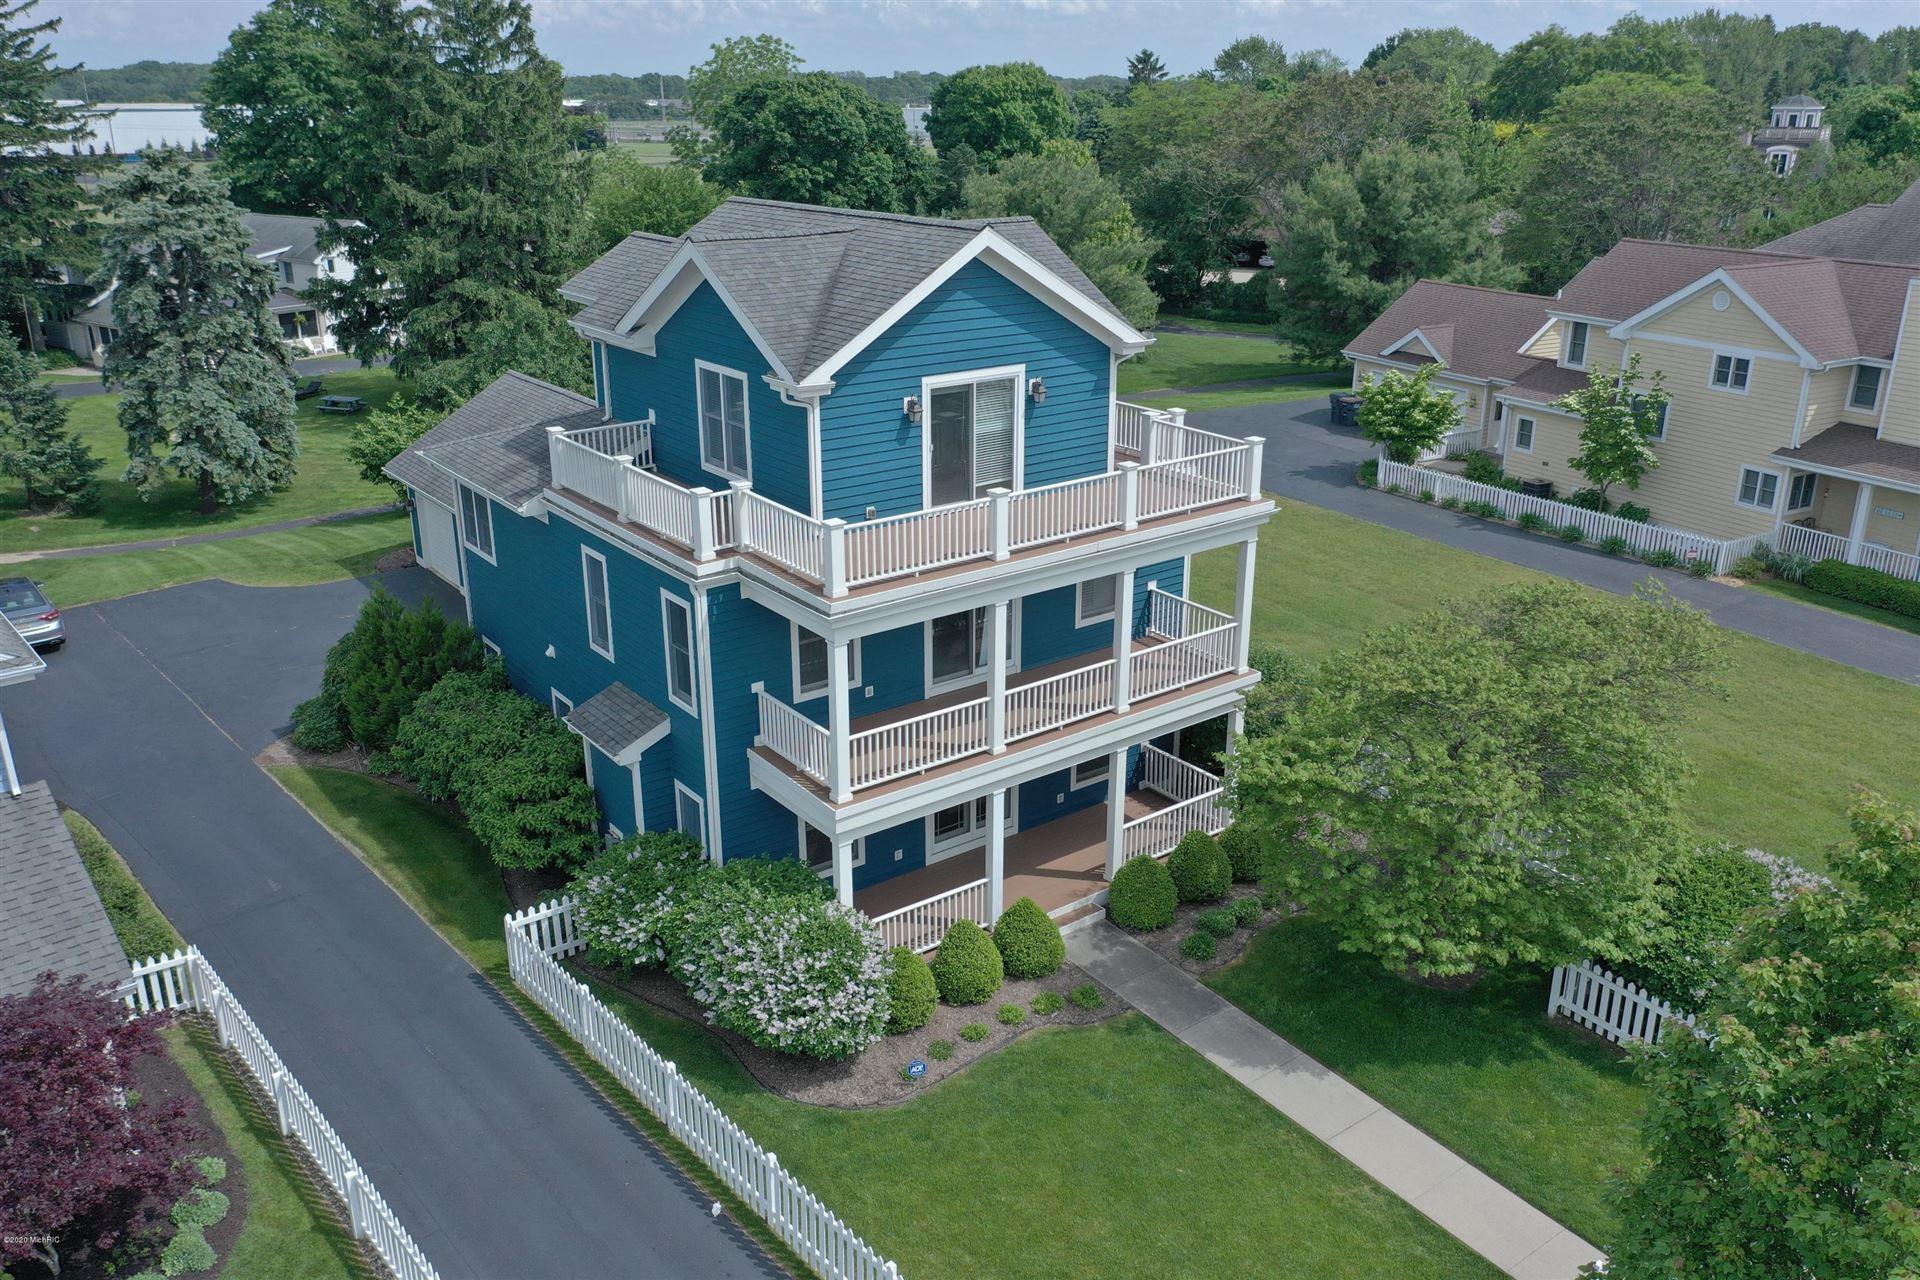 3487 Bluegrass Way, Shoreham, MI 49085 - MLS#: 19058732